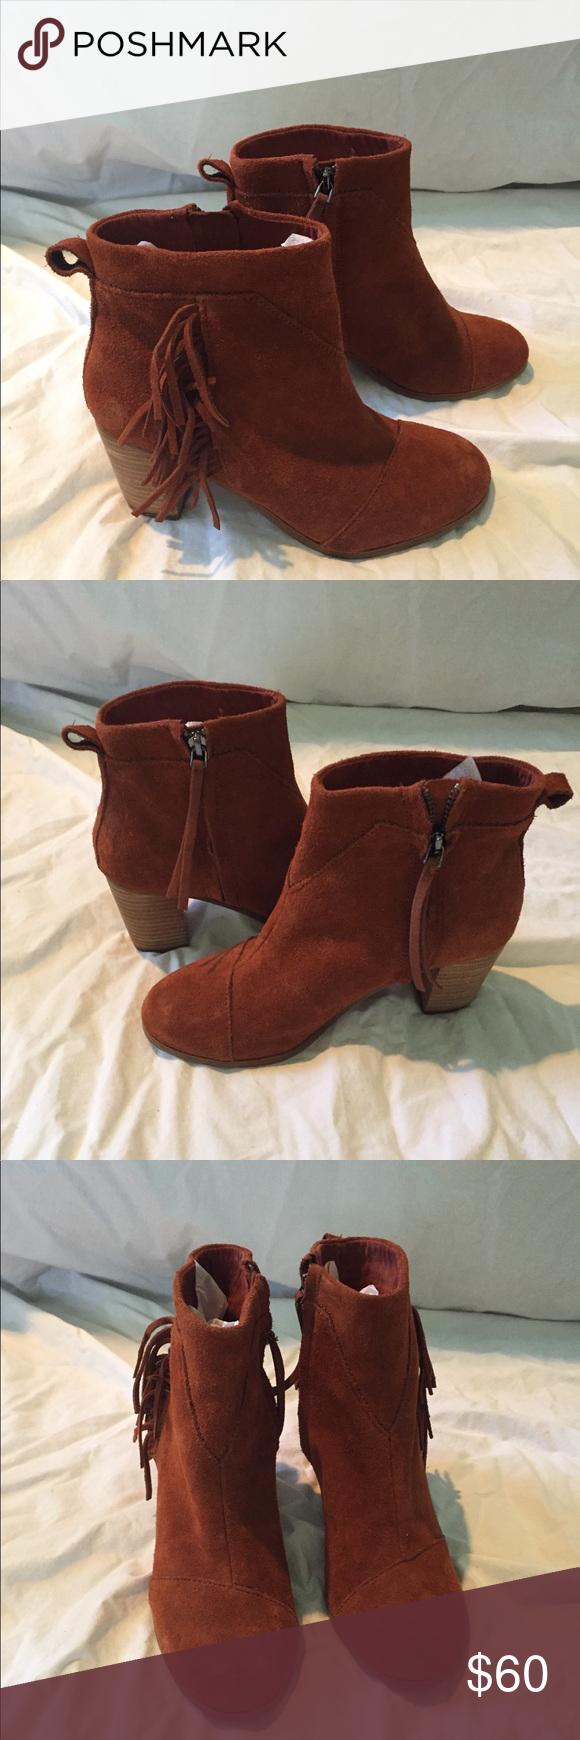 NEW Toms fringe ankle boots | Fringe